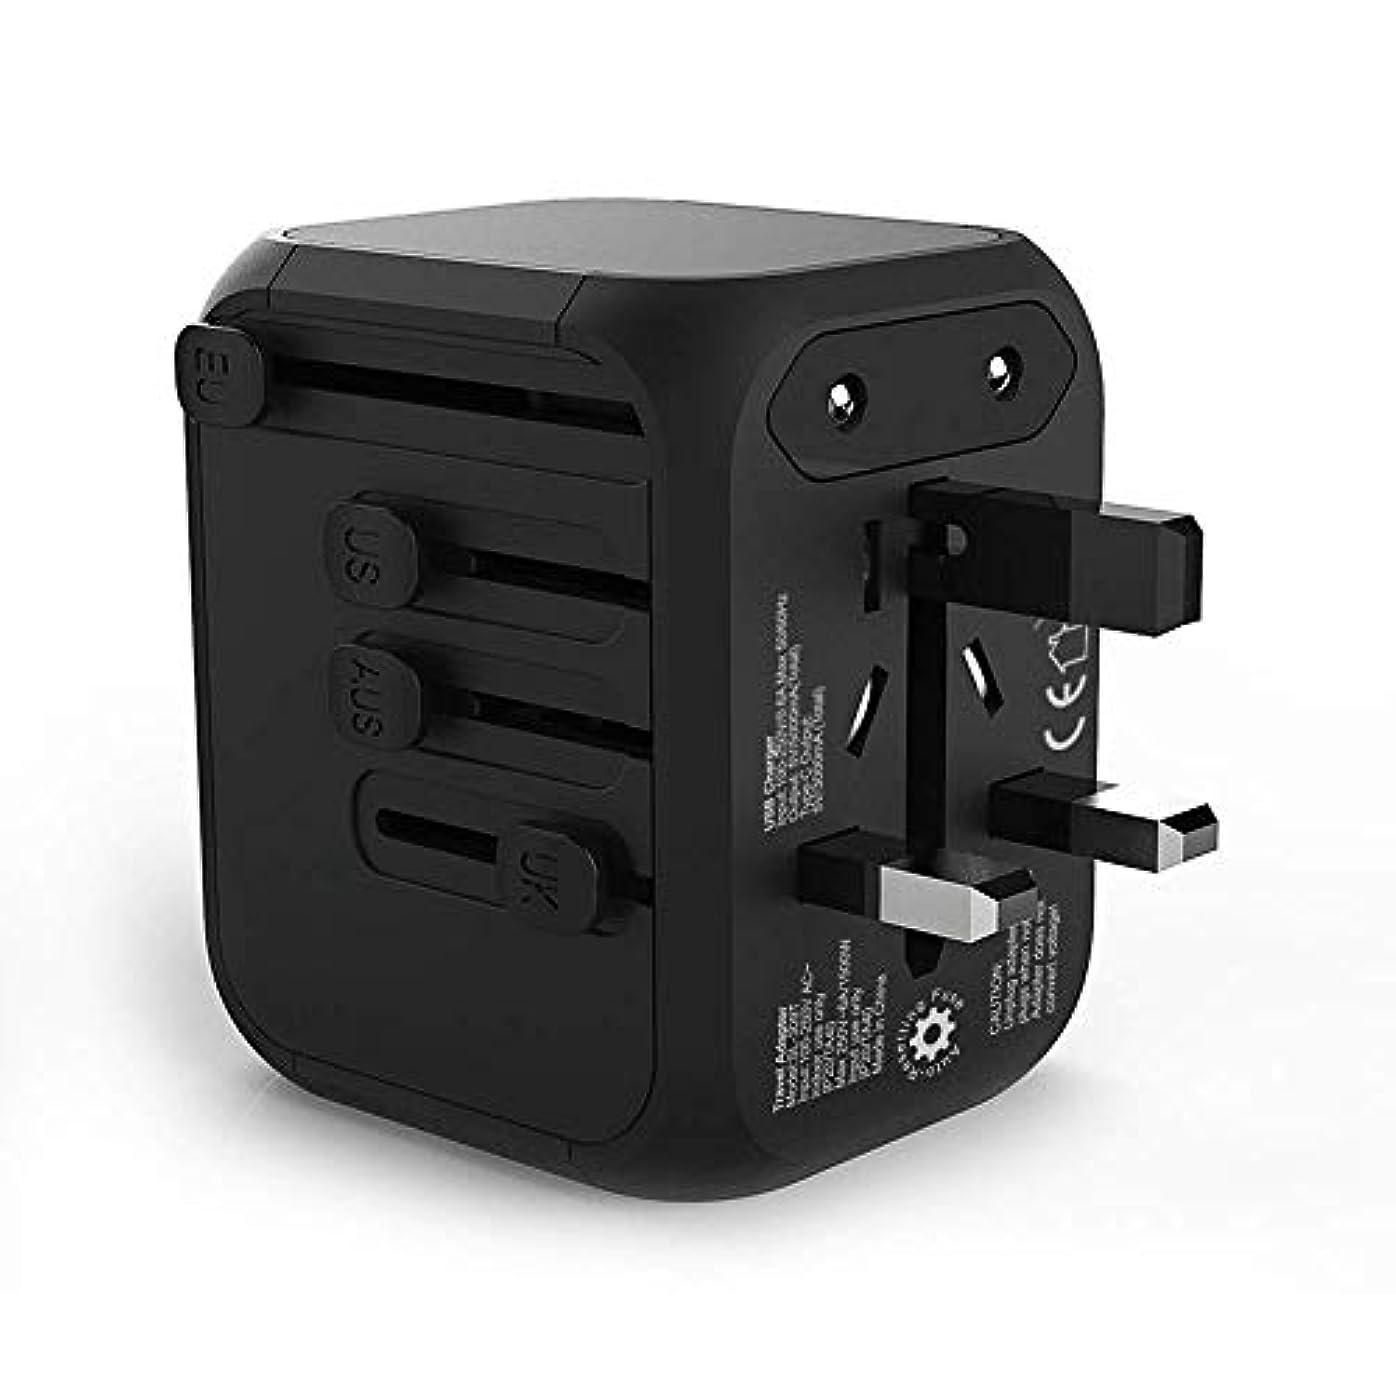 不安定フライト長老USB充電器プラグ、各国用ソケット穴、ウォールチャージャー、5.0A、1Type-c、3ポートUSBプラグ充電器、iOS、iPad、タブレット、パワーバンク、ホーム、オフィス、ブラック用